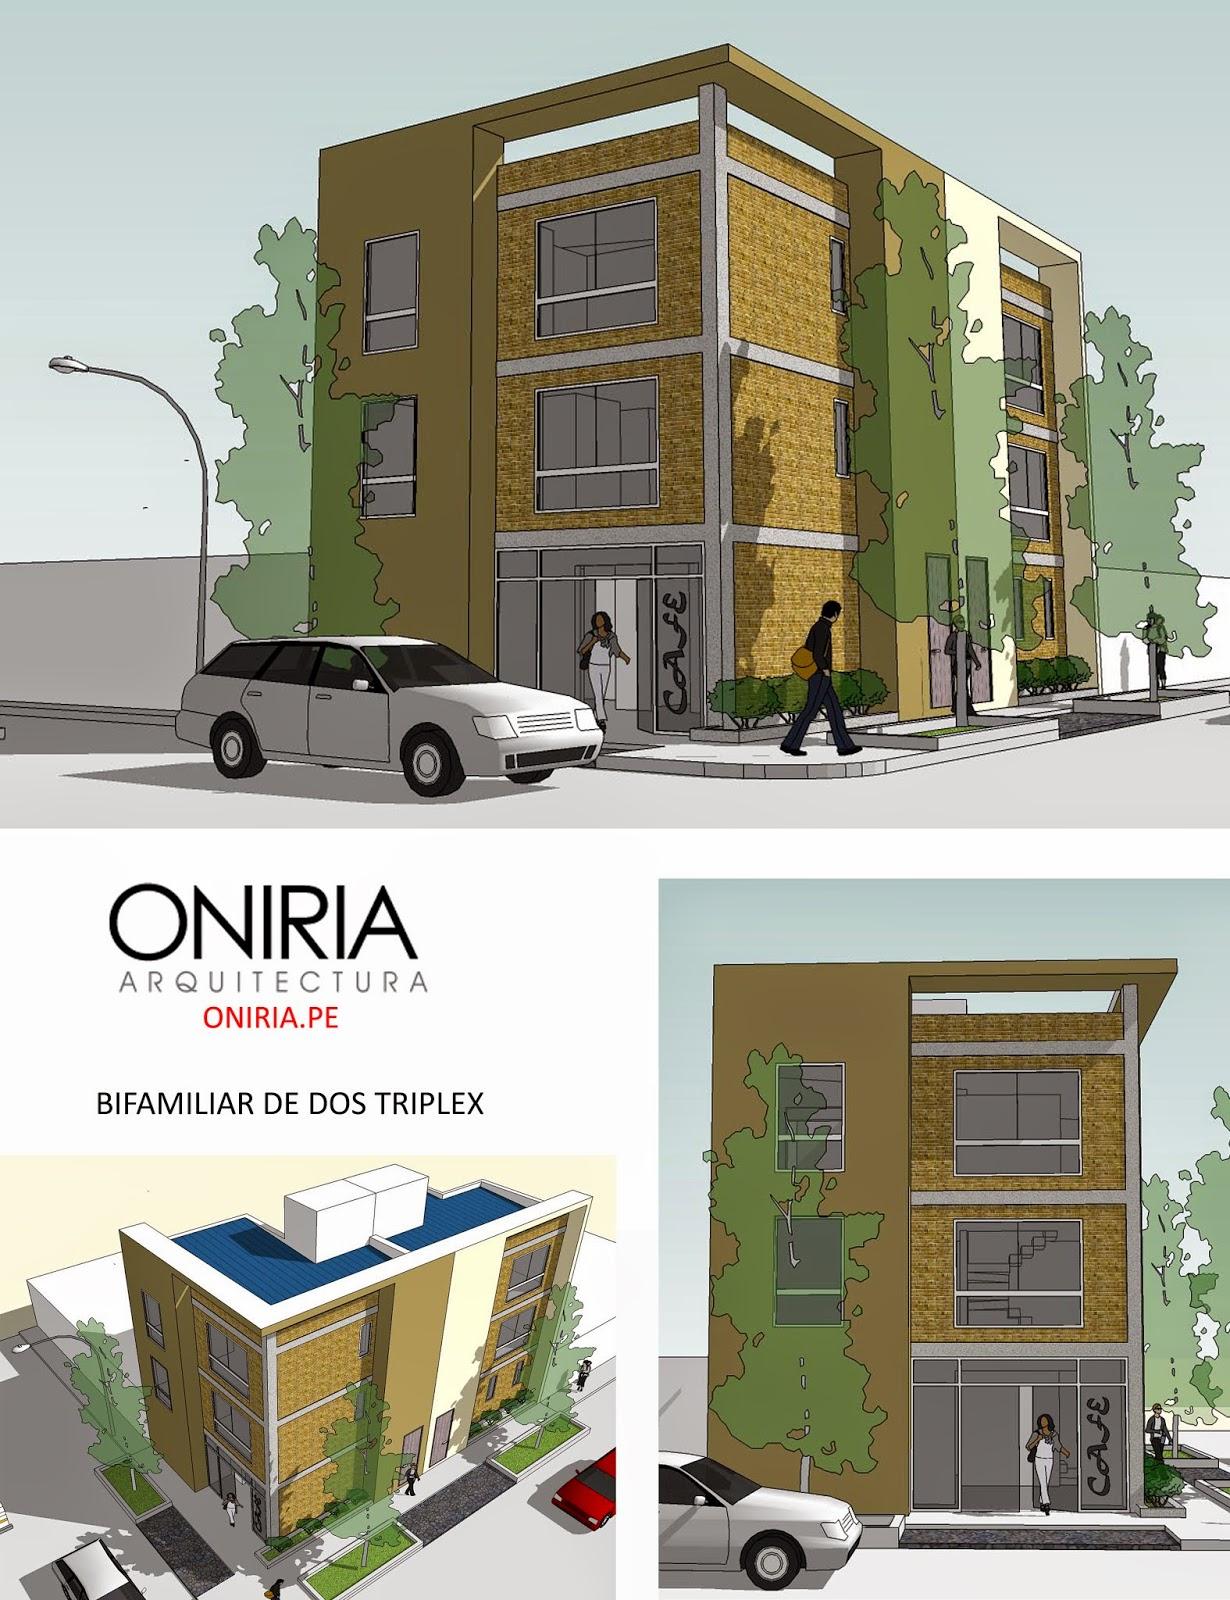 Oniria dise o de viviendas multifamiliares - Diseno de viviendas ...